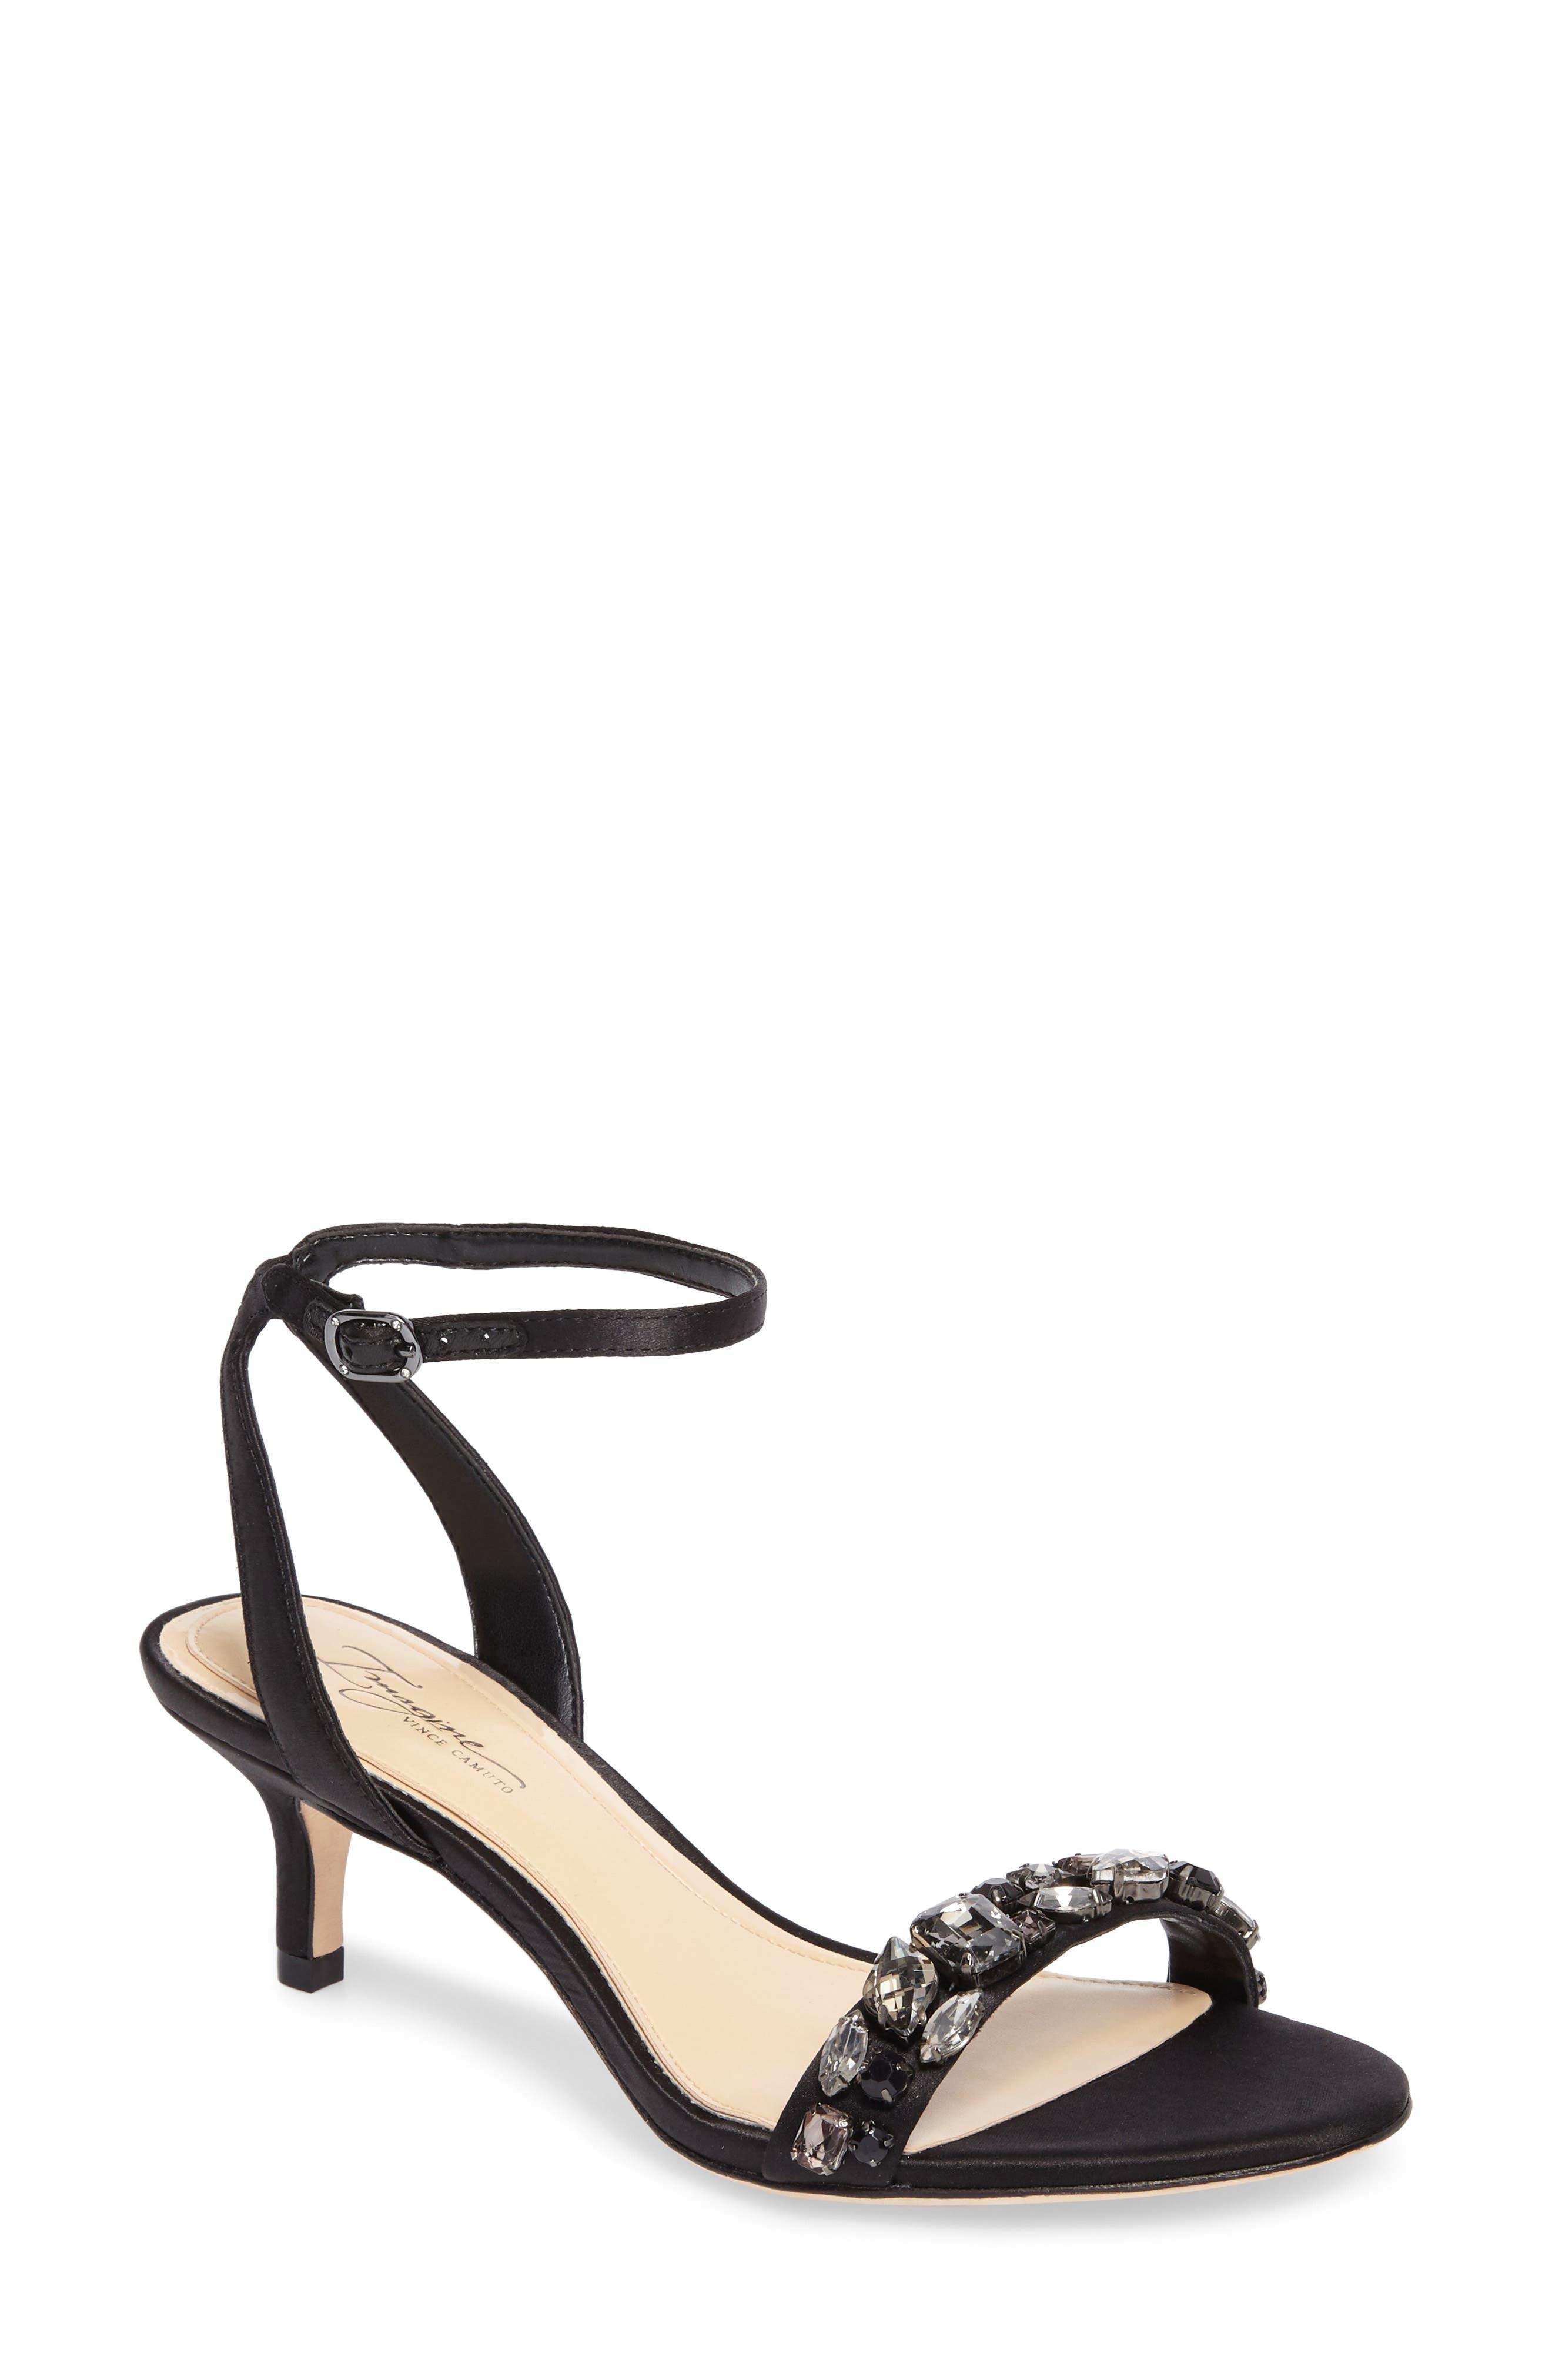 Imagine Vince Camuto Kolo Embellished Kitten Heel Sandal,                         Main,                         color, Black Satin